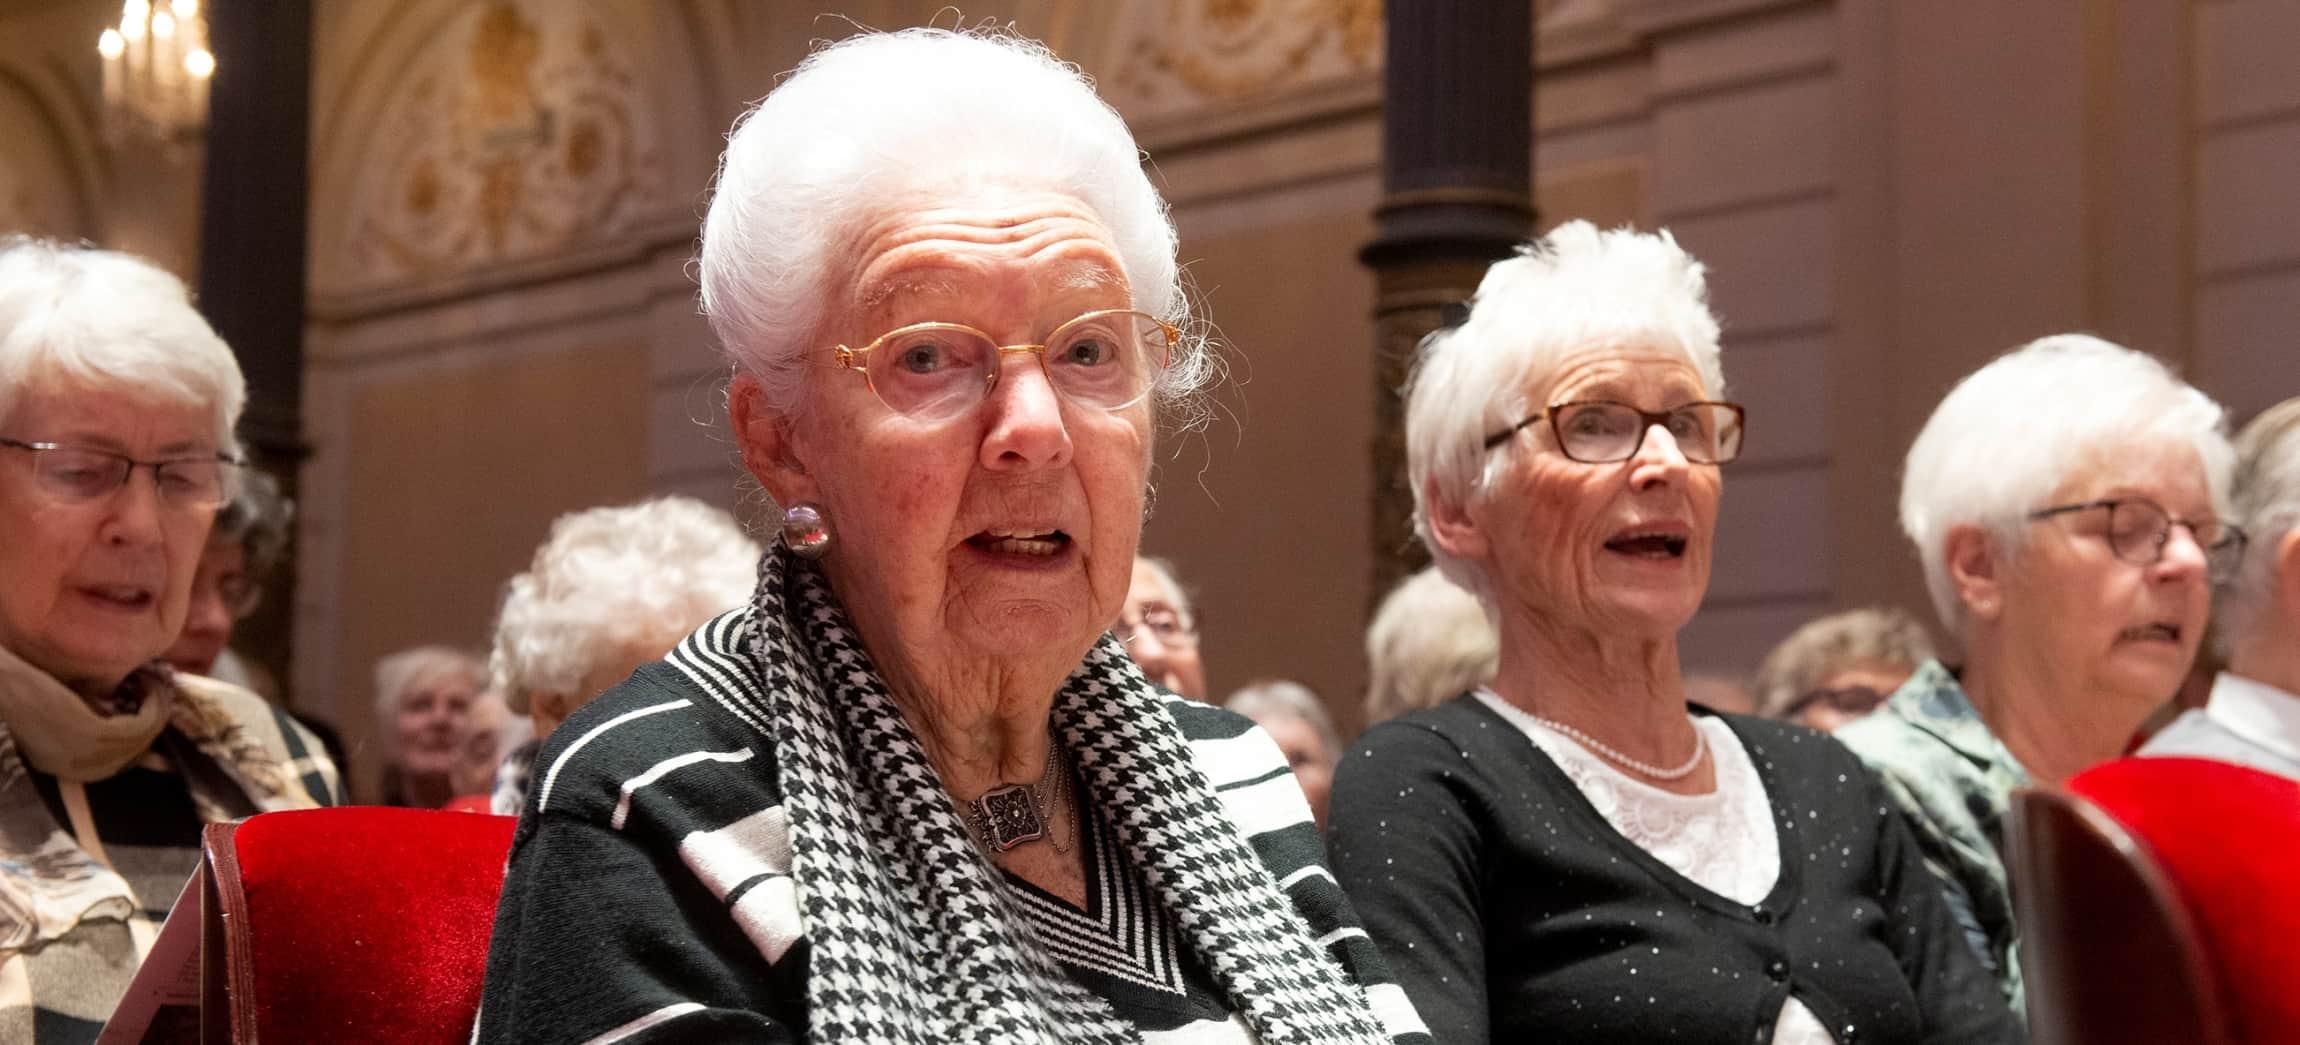 Zingende dames tijdens het Amstelring Kerstconcert 2018 in het Concertgebouw Amsterdam